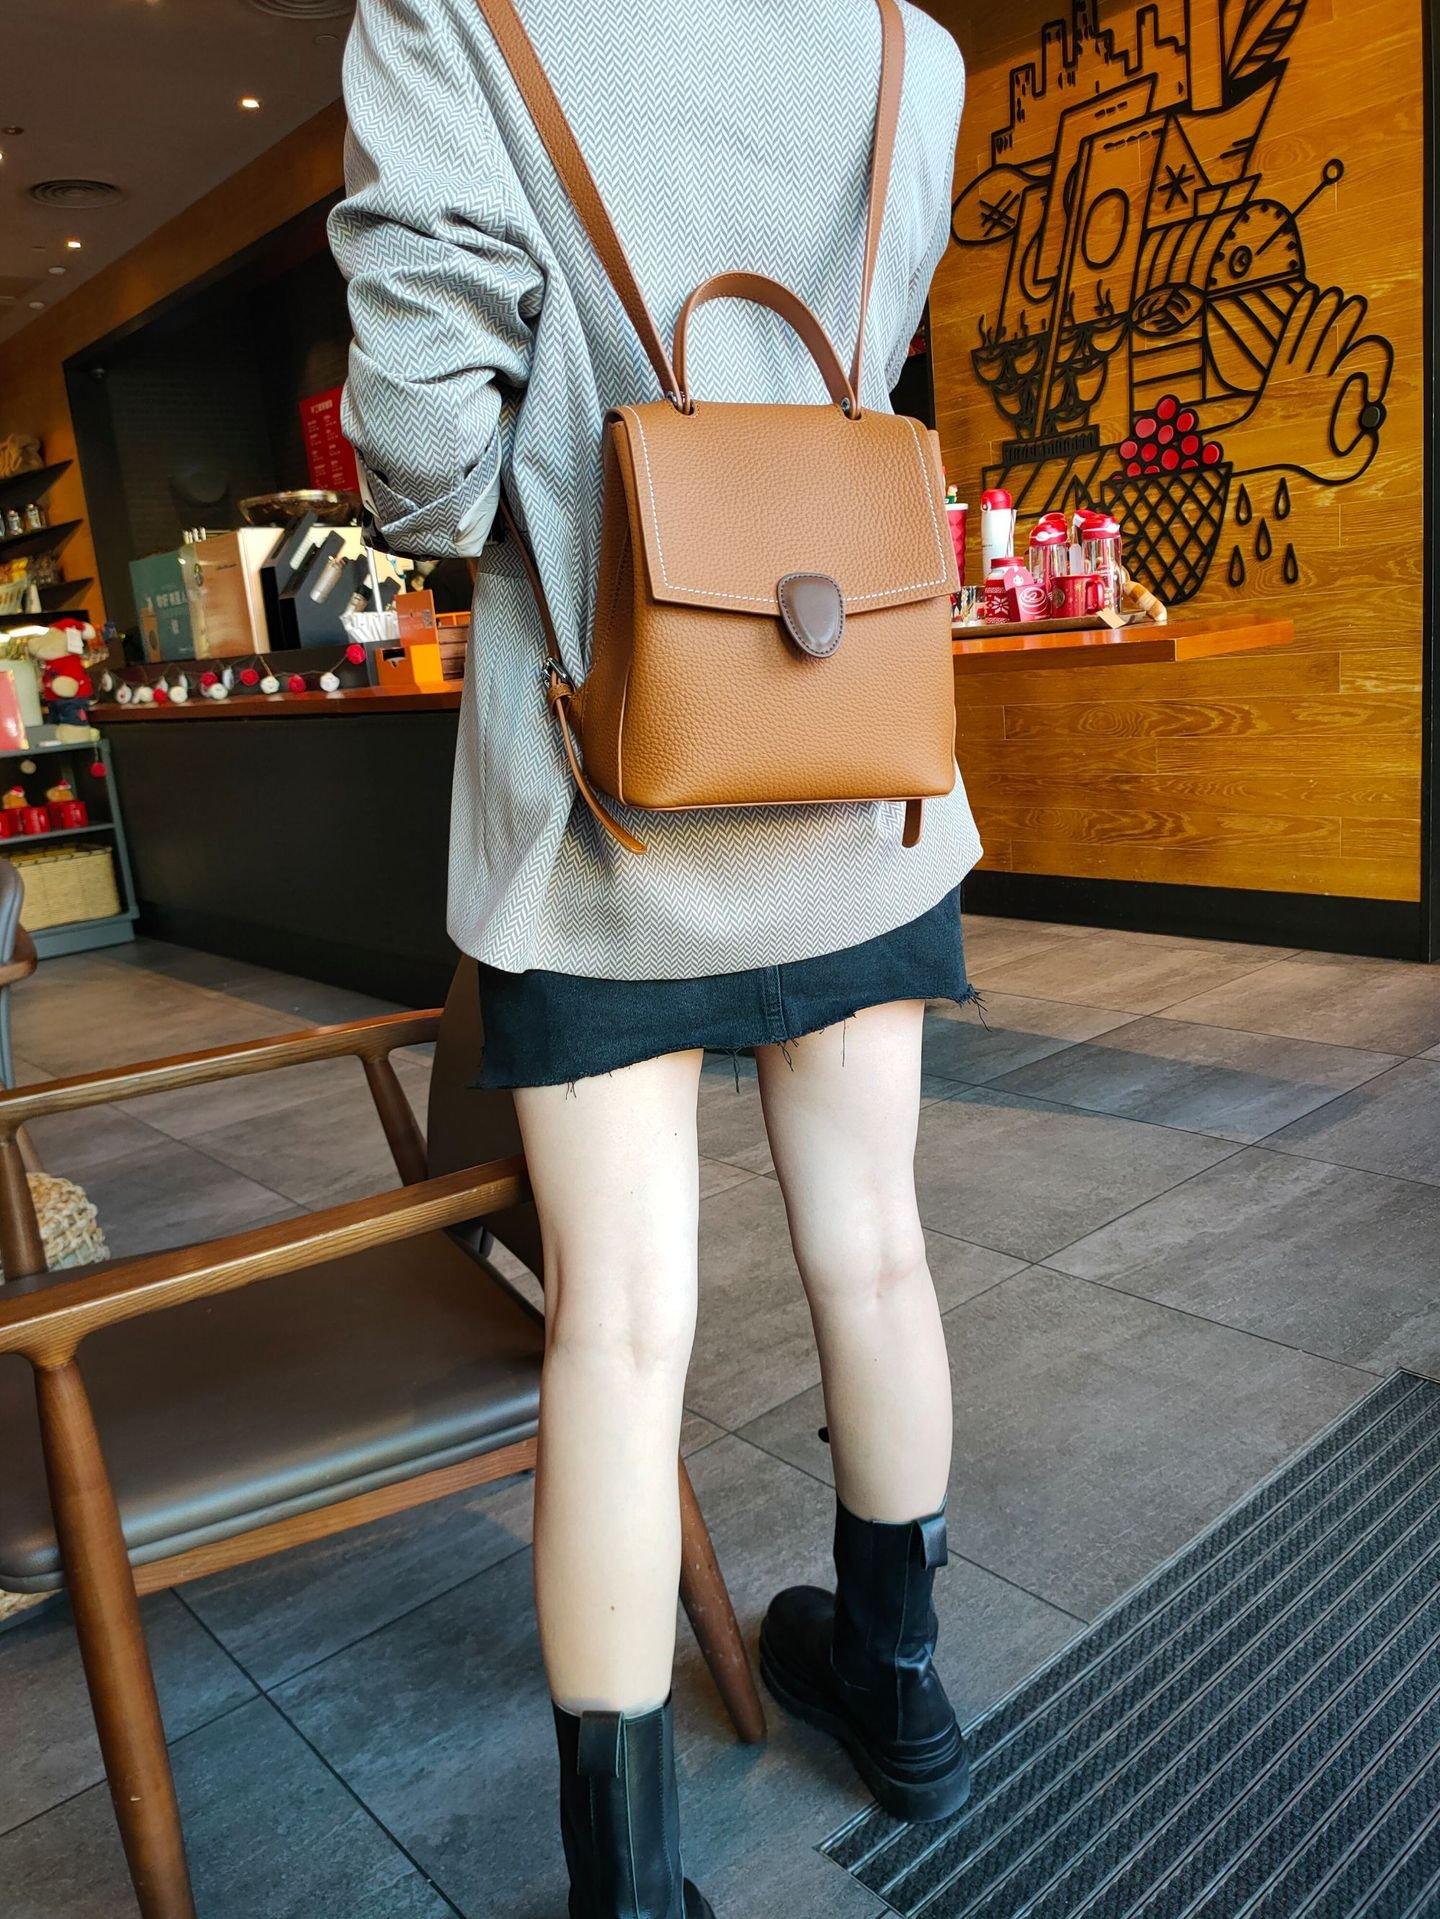 韓時尚 百搭英倫背包 潮牌女包 頭層牛皮真皮雙肩包 H81999 超優質賣家⭐️Pat girl 拍妞⭐️